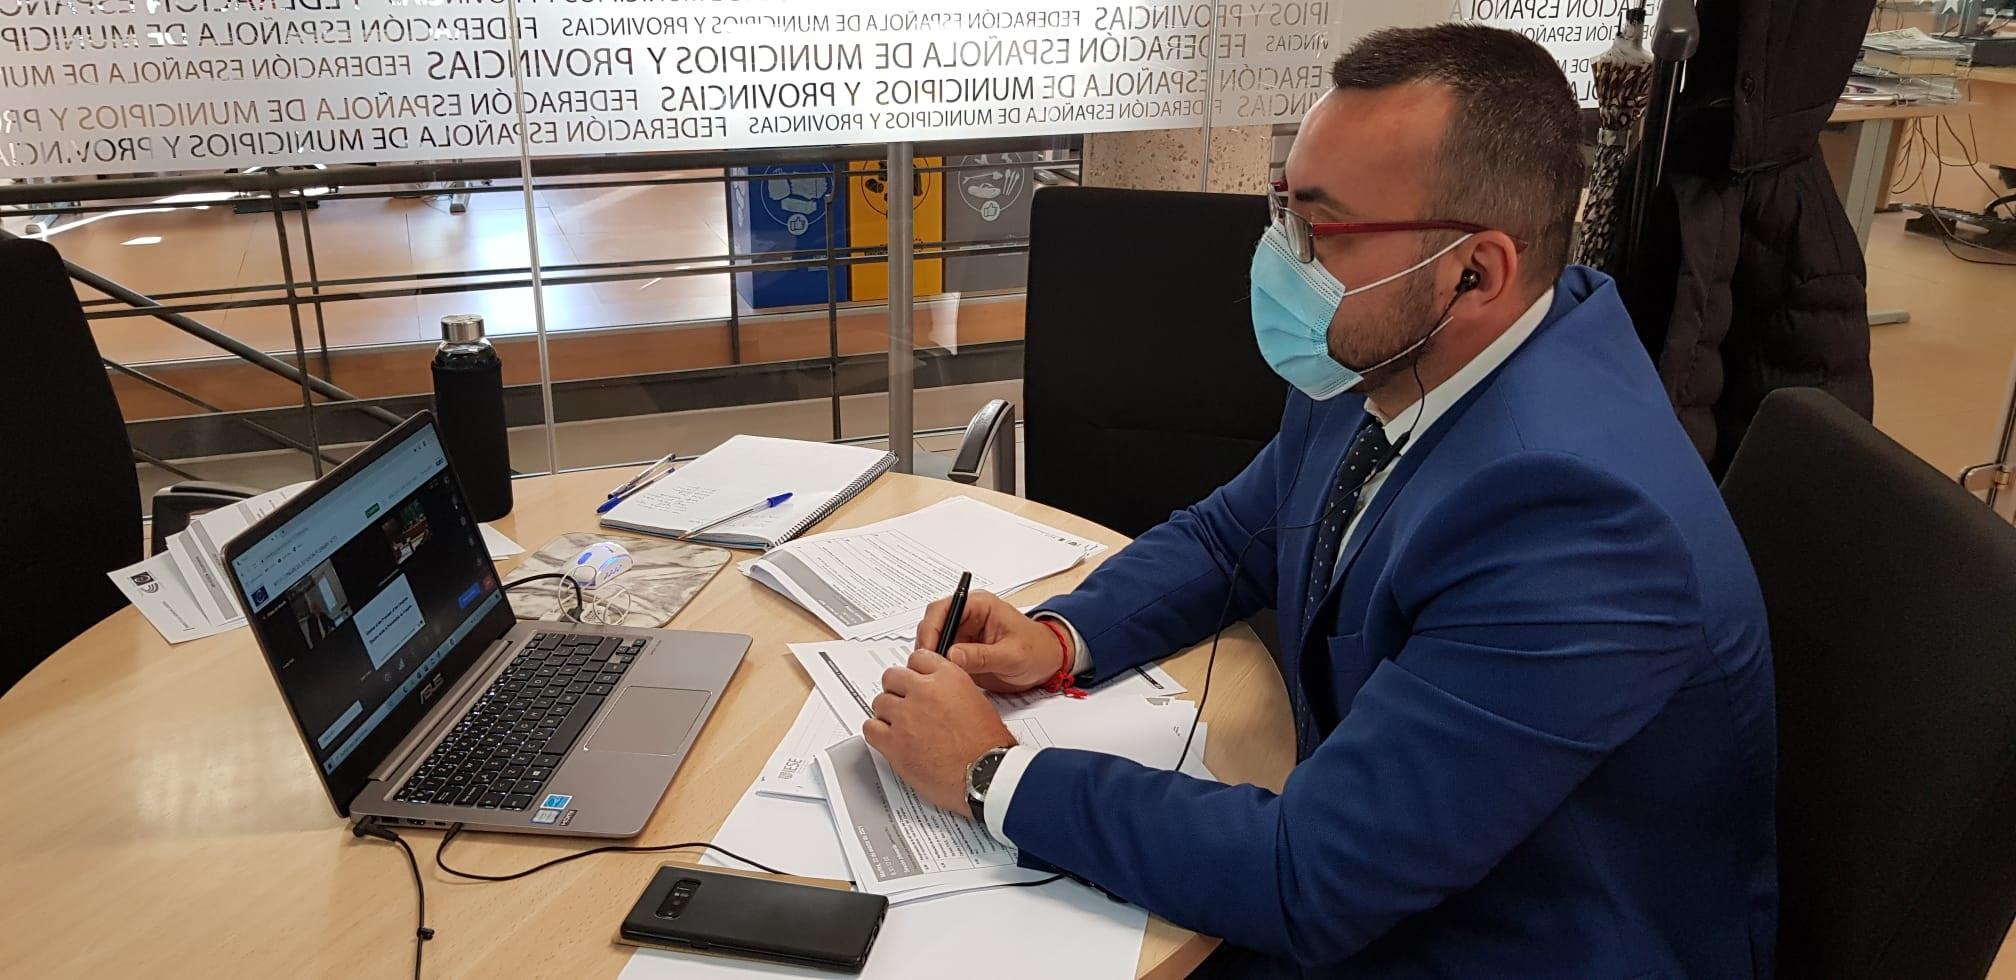 Benlloch pone el foco en la despoblación en la era poscovid en su estreno como presidente de la delegación española en el Congreso de Poderes Locales del Consejo de Europa